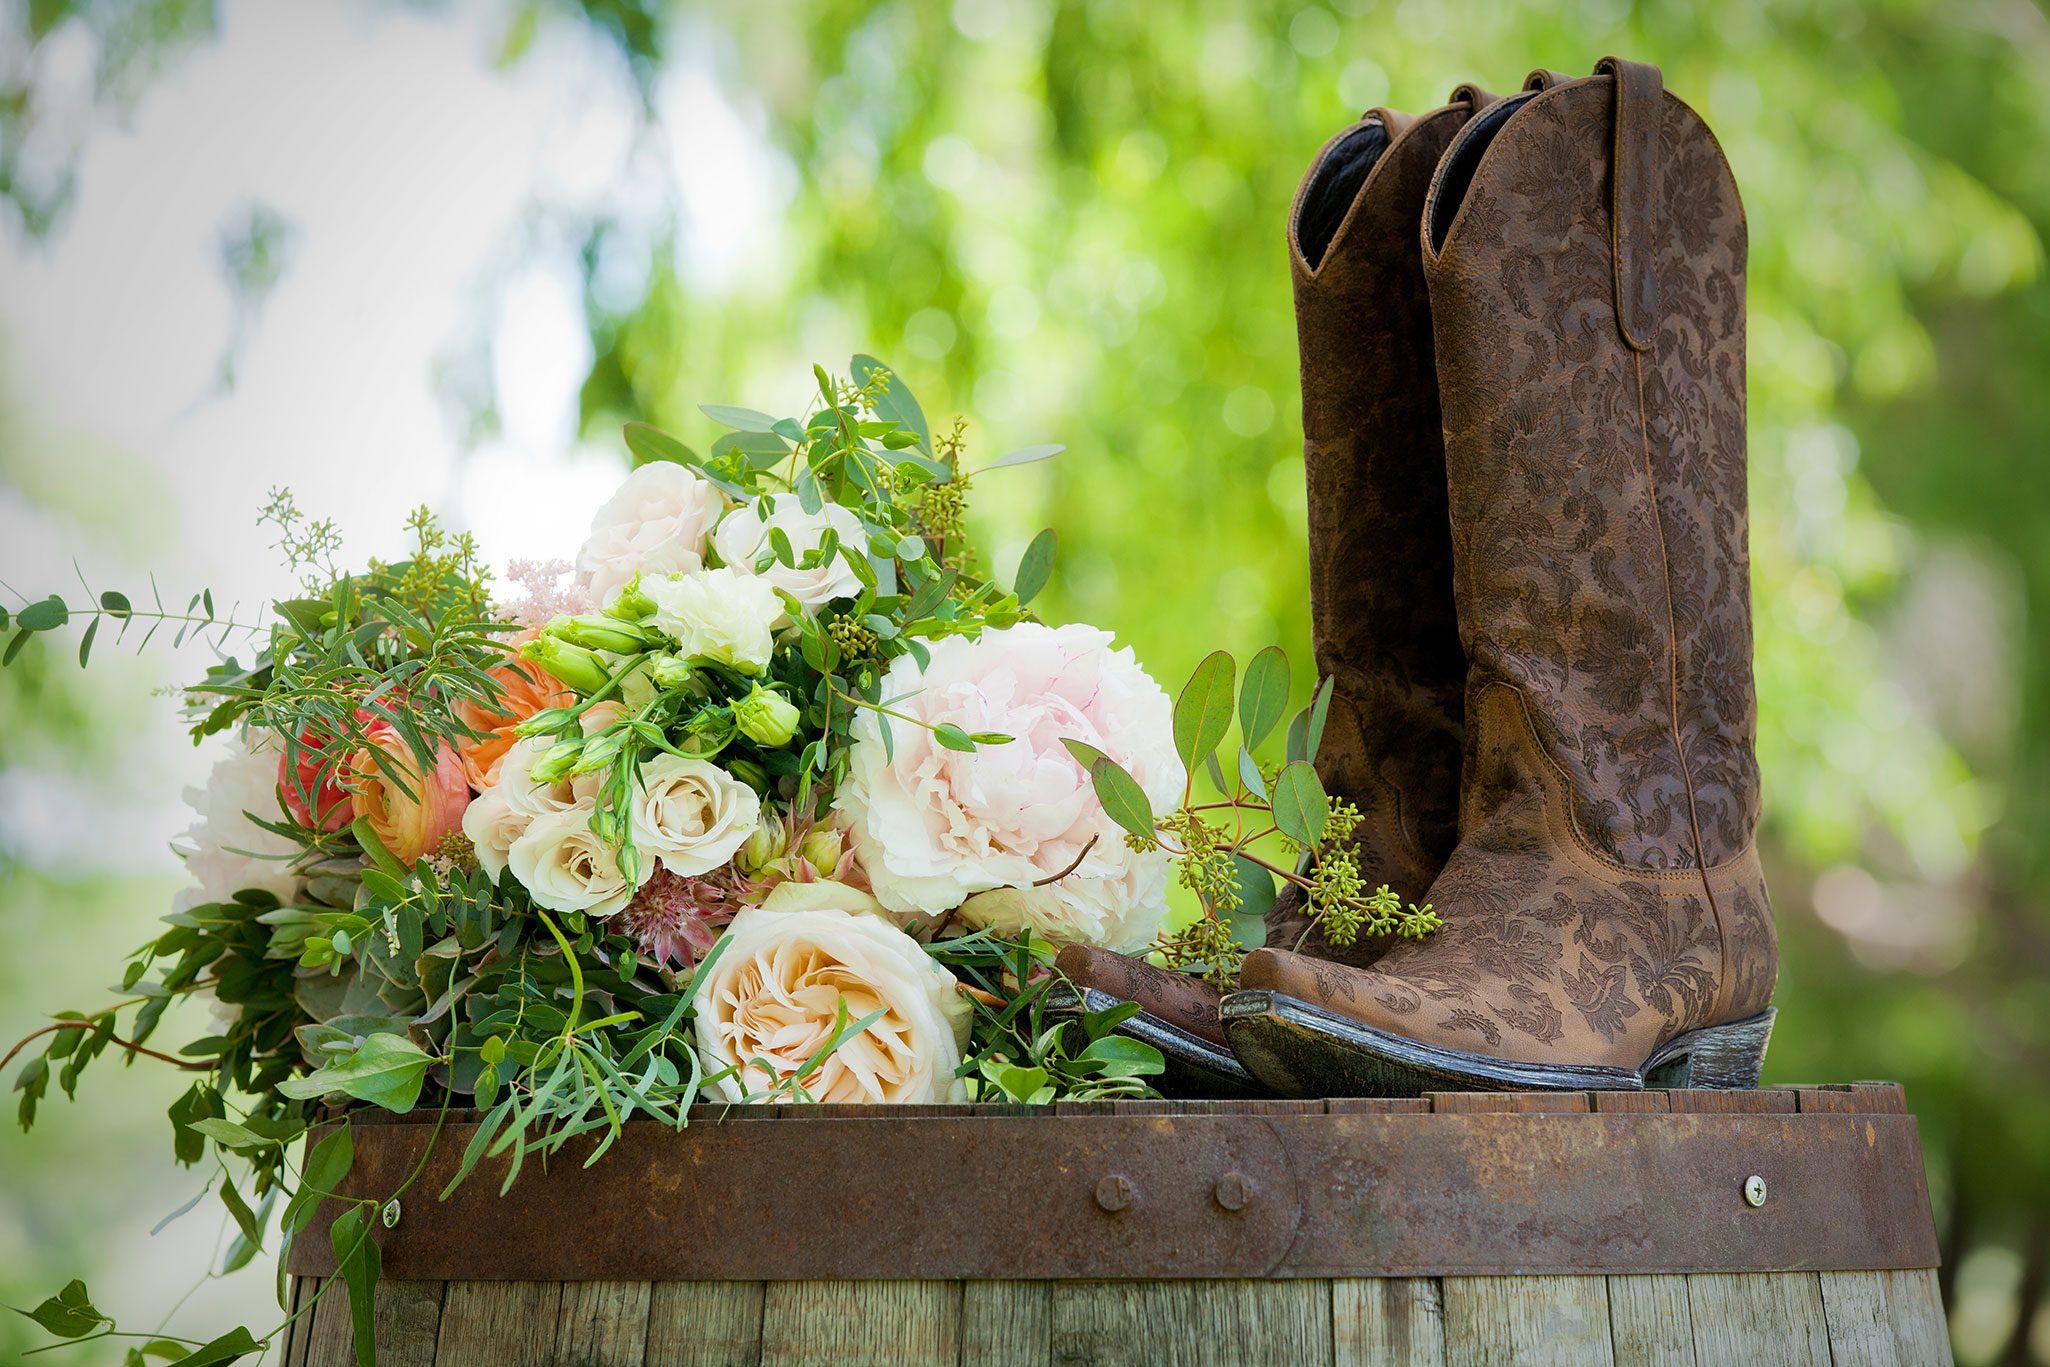 Wedding bouquet and cowboy boots on wine barrel | Durango, Colorado